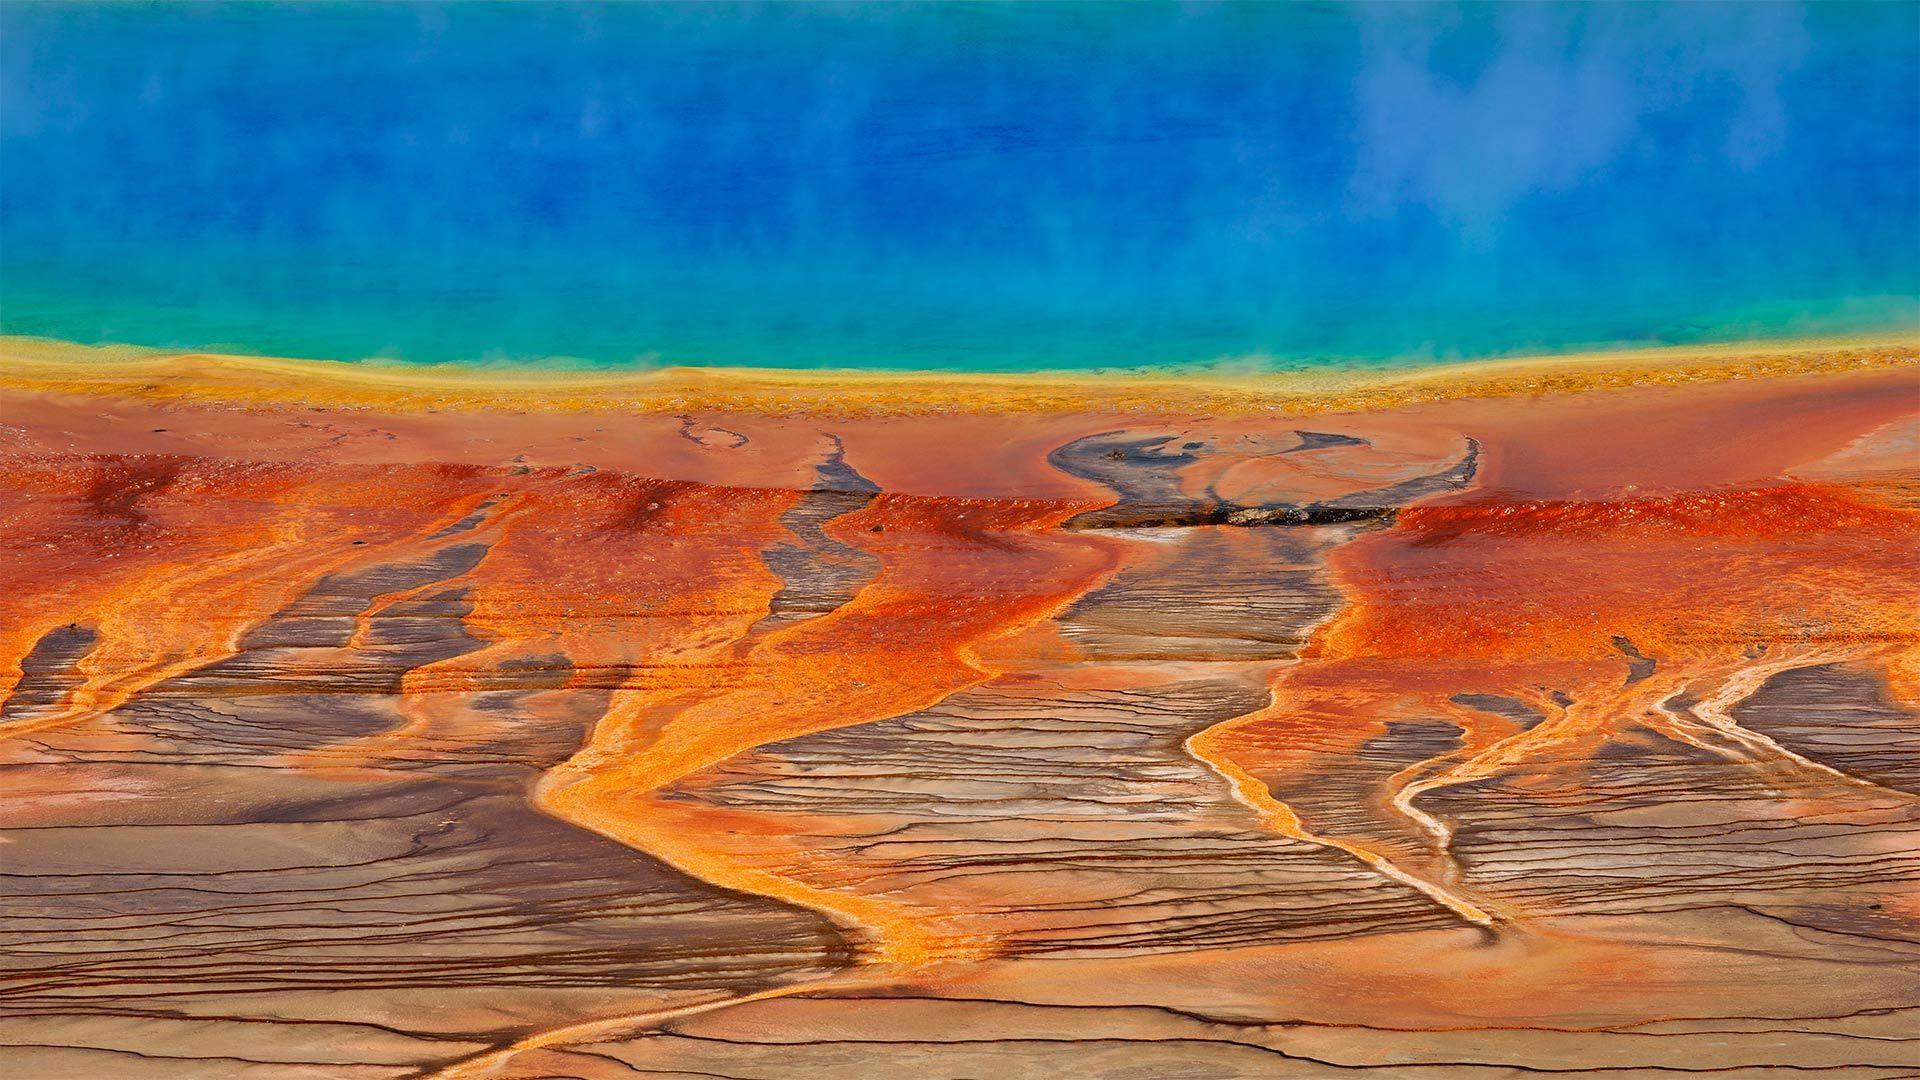 黄石国家公园的大棱镜泉大棱镜泉